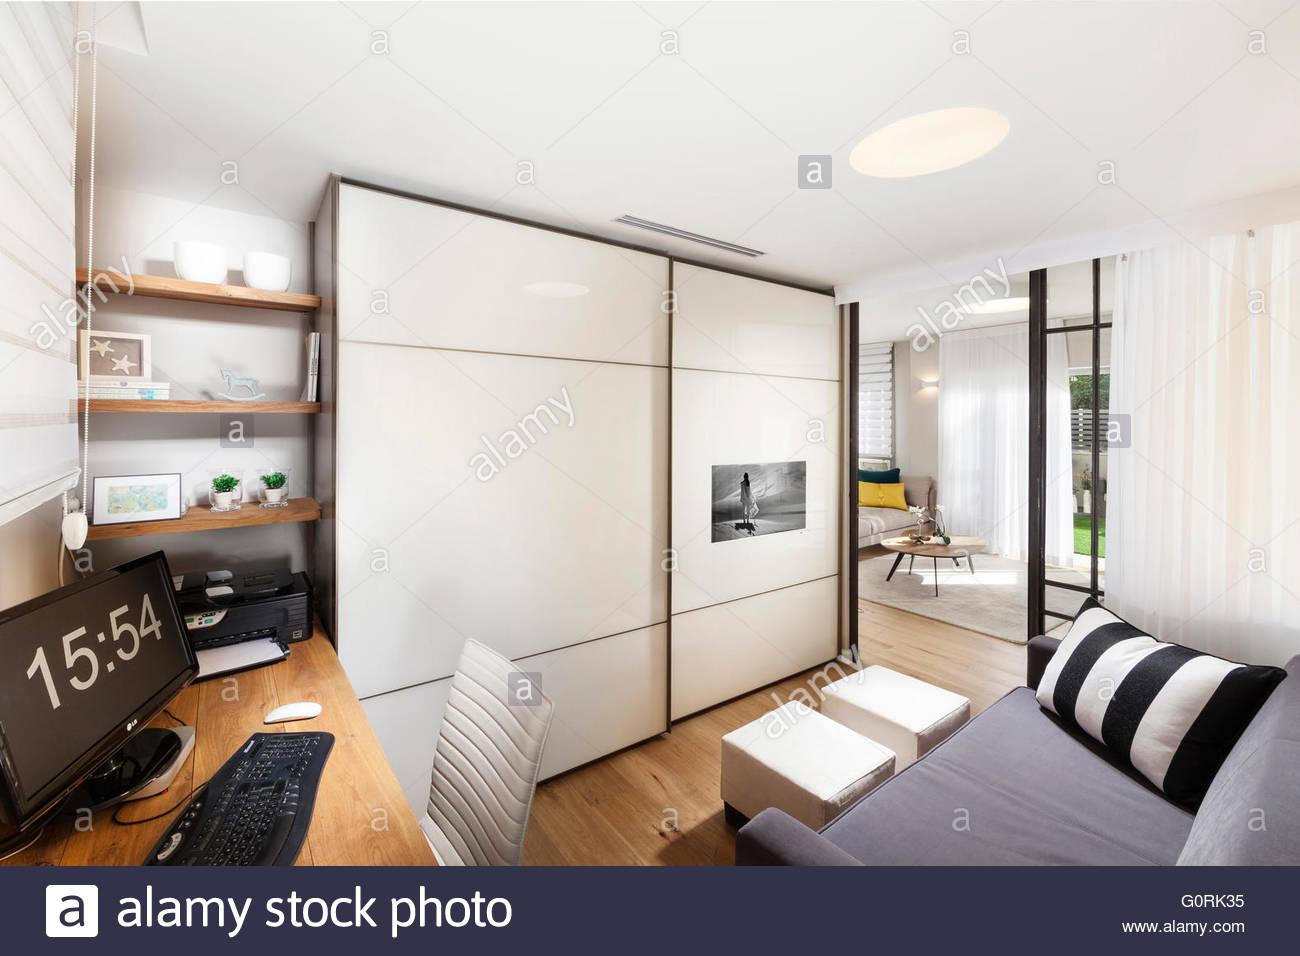 Modernes Haus. Moderne Zimmer mit offener Tür zum Wohnzimmer. Grau ...